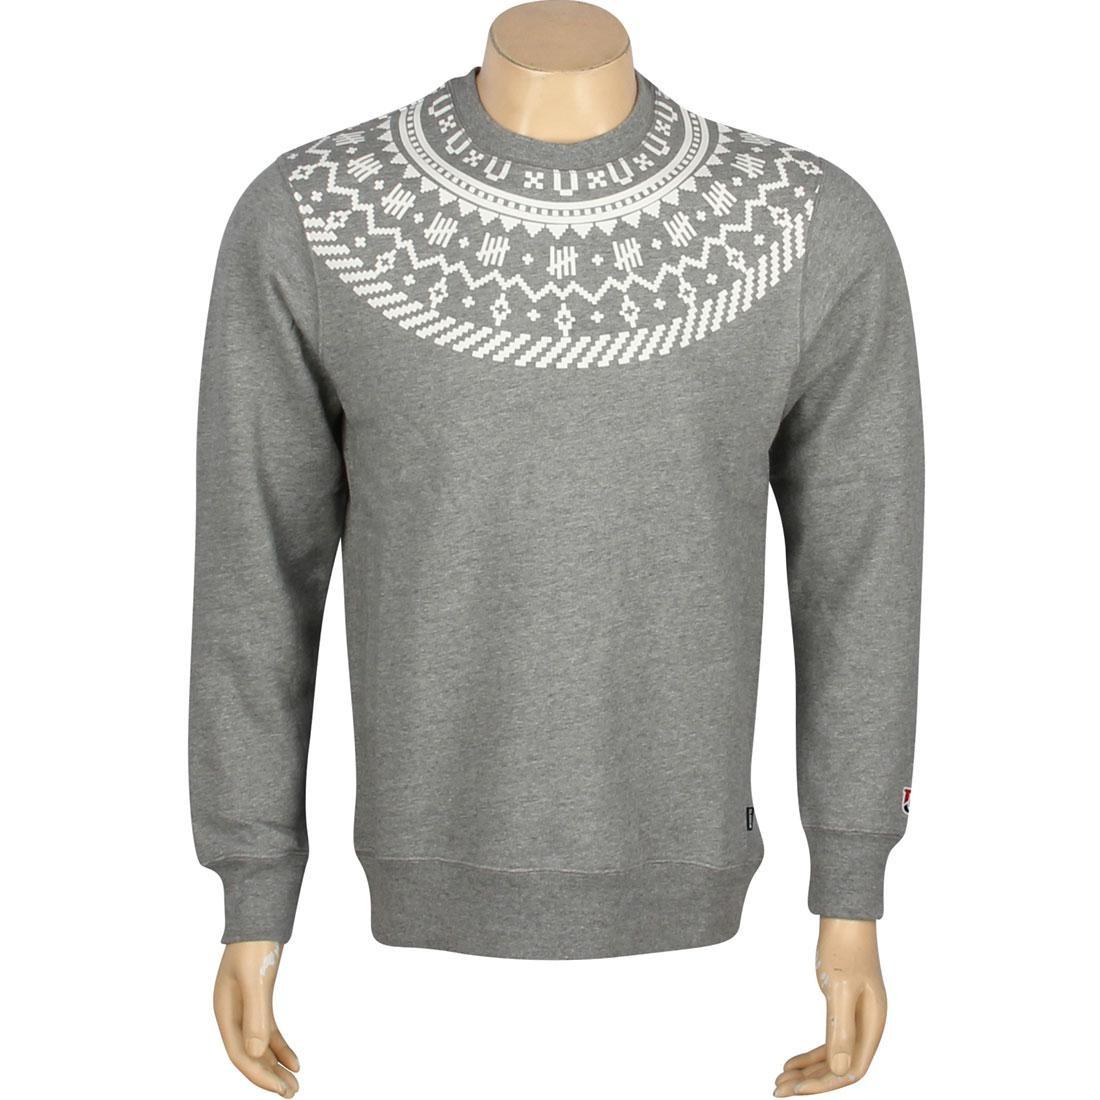 【スーパーセール中! 6/11深夜2時迄】UNDEFEATED Gray灰色 グレイ メンズファッション トップス Tシャツ カットソー メンズ 【 Traverse Crewneck (gray / Grey Heather) 】 Gray / Grey Heather